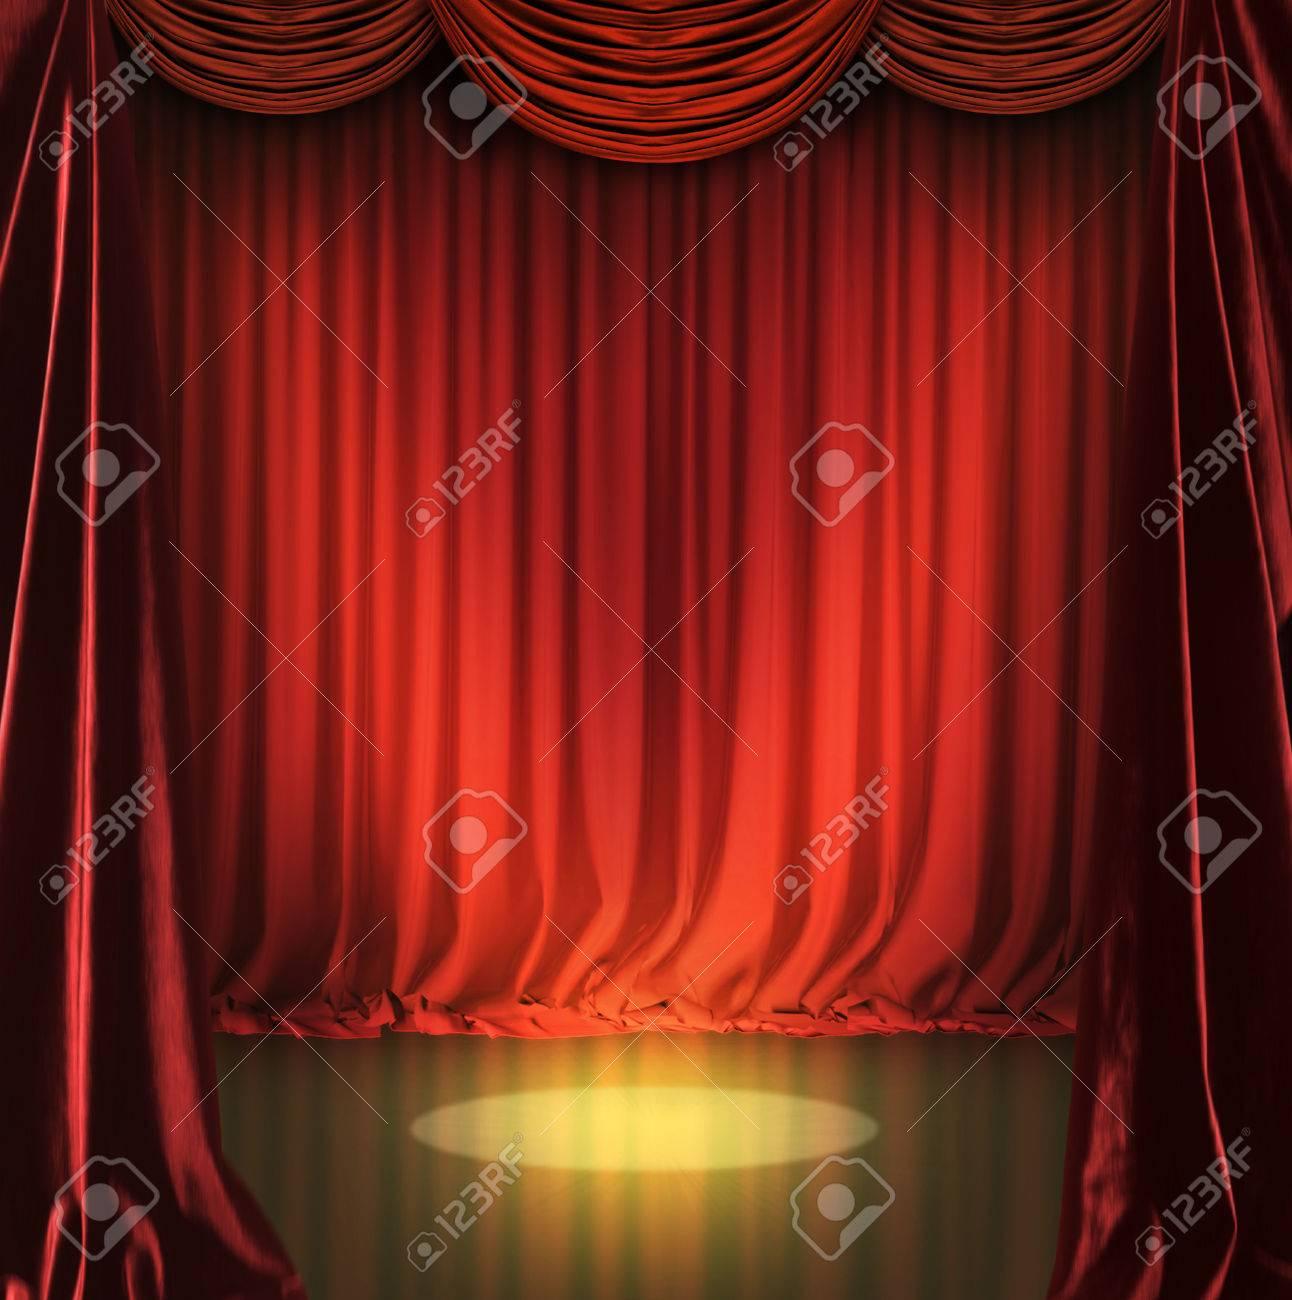 teatro escenario con cortinas rojas foto de archivo